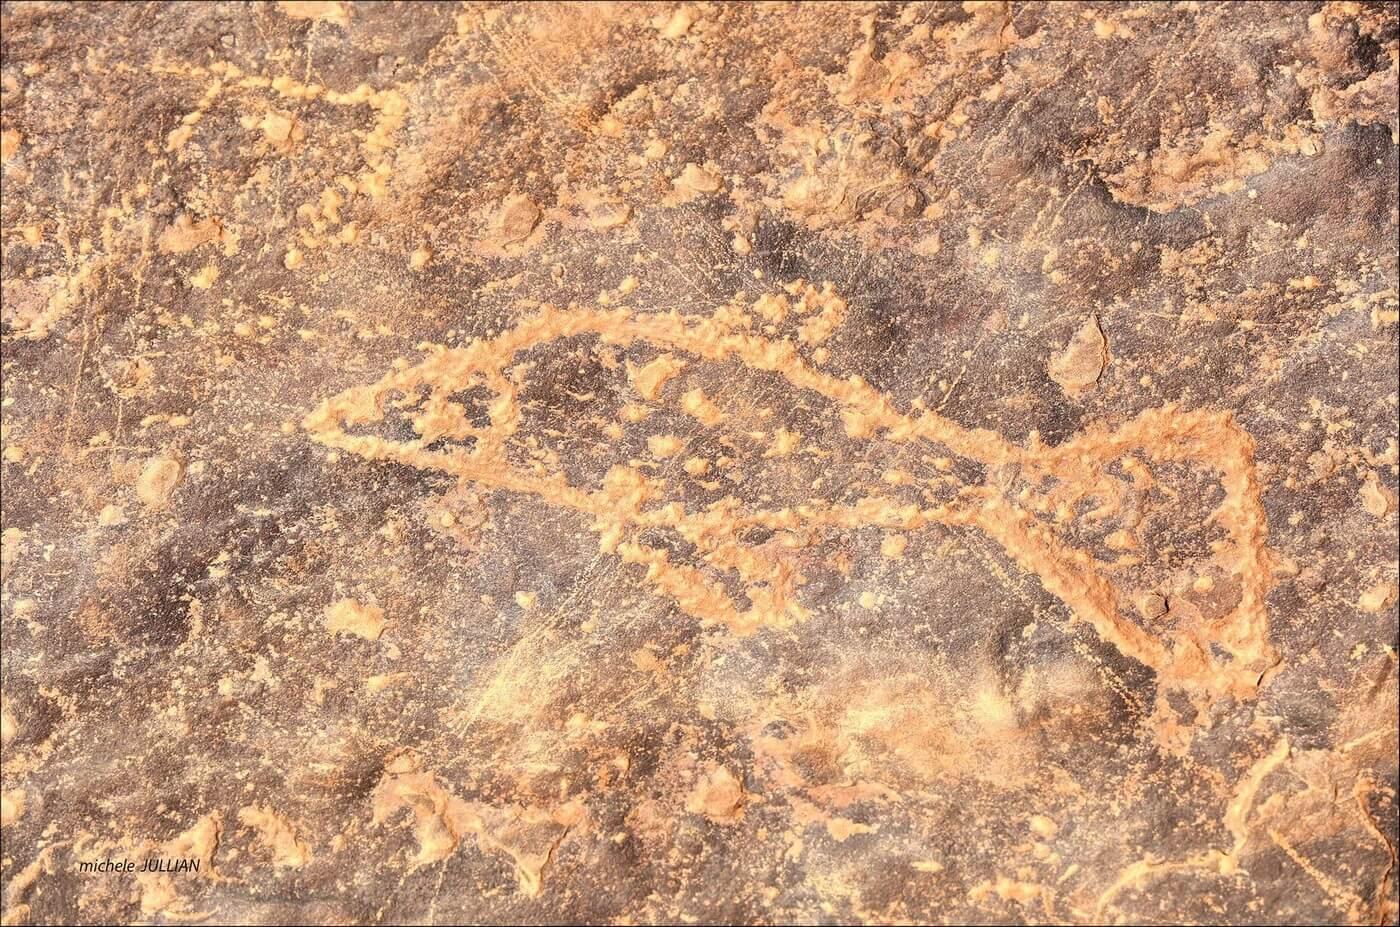 gravures pariétales dessin d'un poisson au sahara